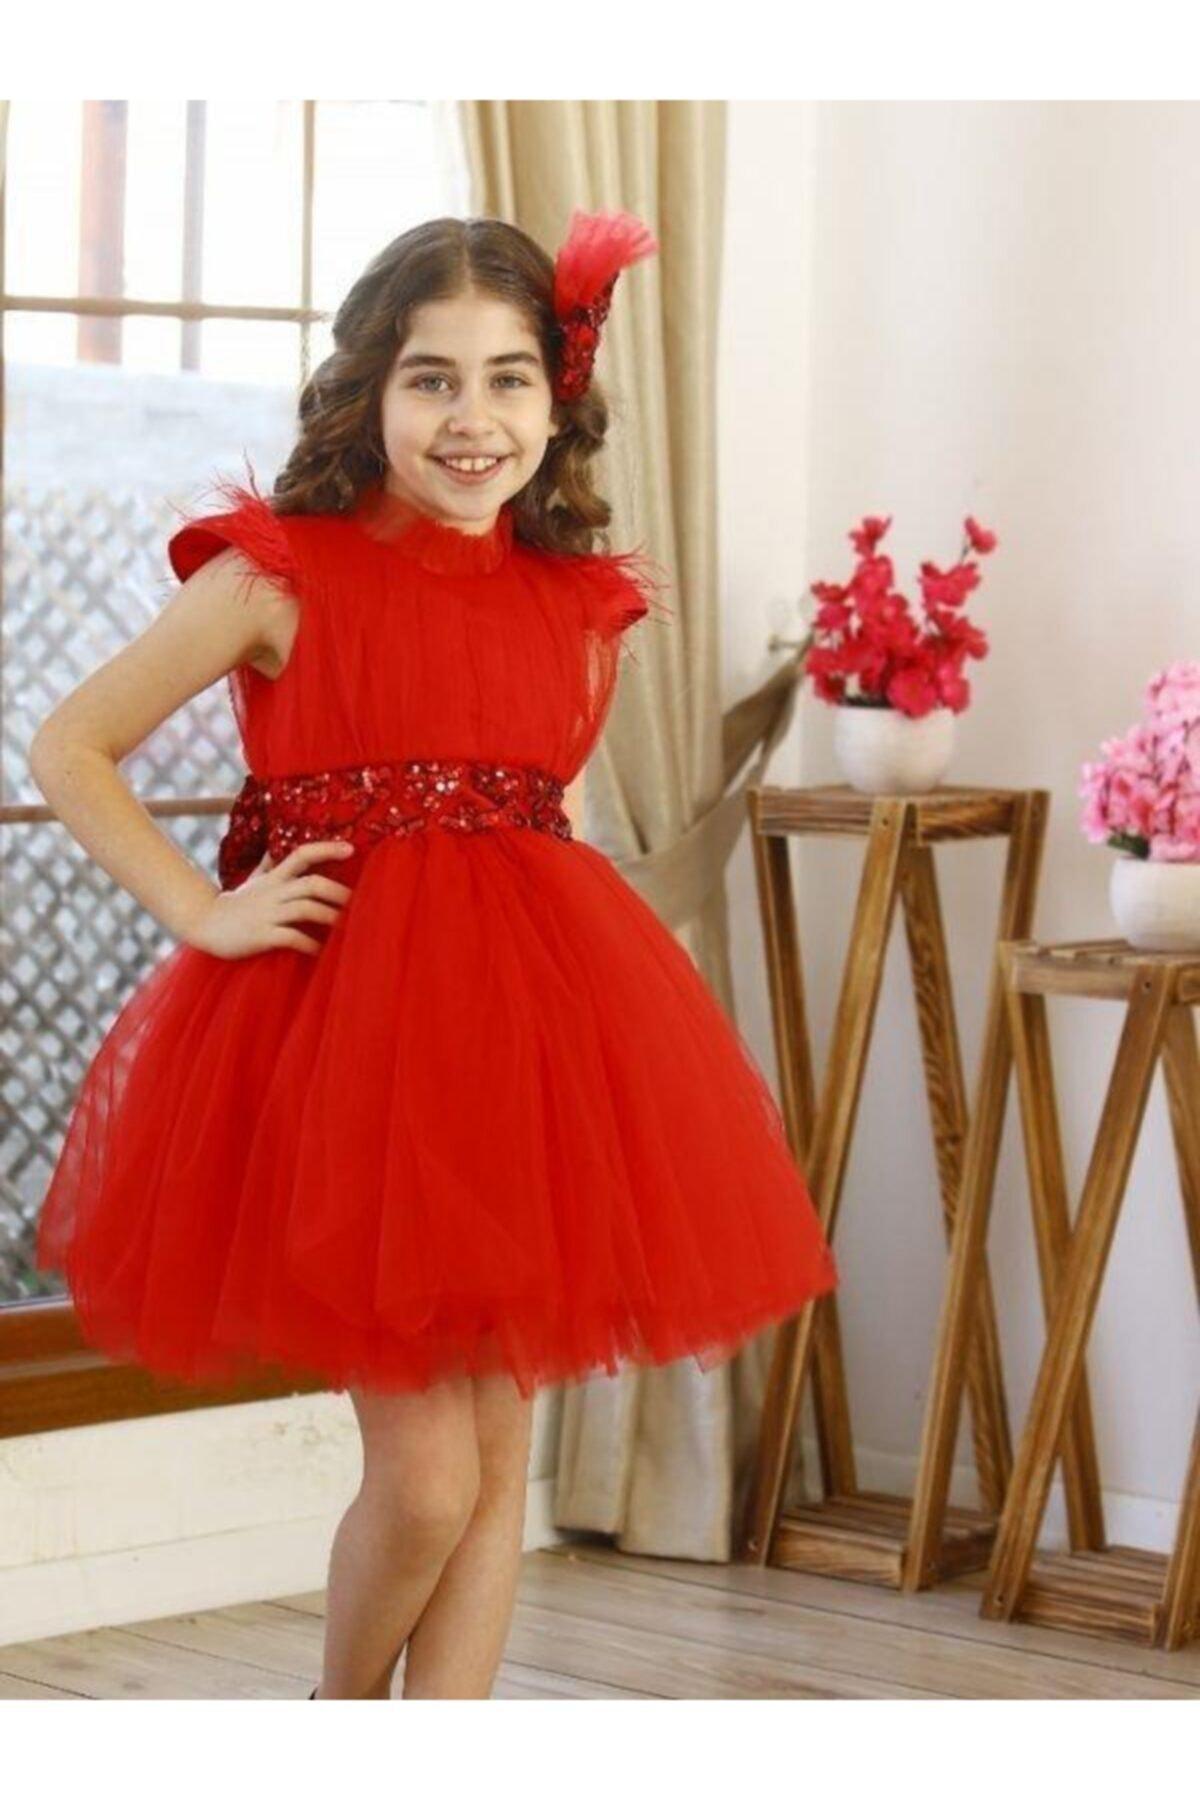 فروش لباس مجلسی دخترانه جدید برند Riccotarz رنگ قرمز ty97013834